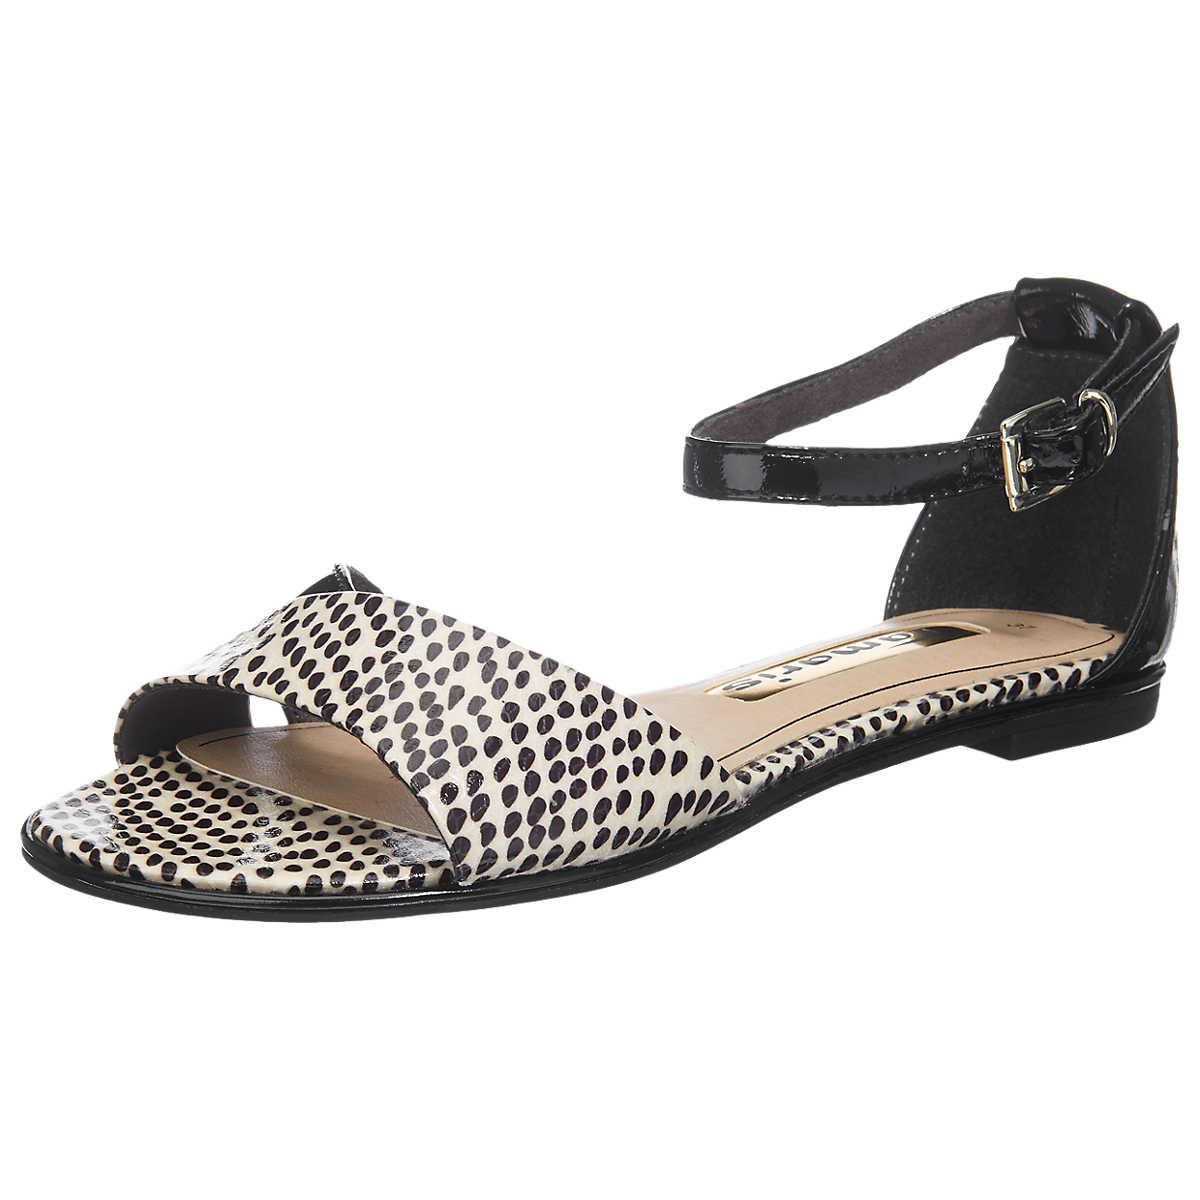 tamaris irene sandaletten schwarz bei mirapodo g nstig schnell einkaufen. Black Bedroom Furniture Sets. Home Design Ideas